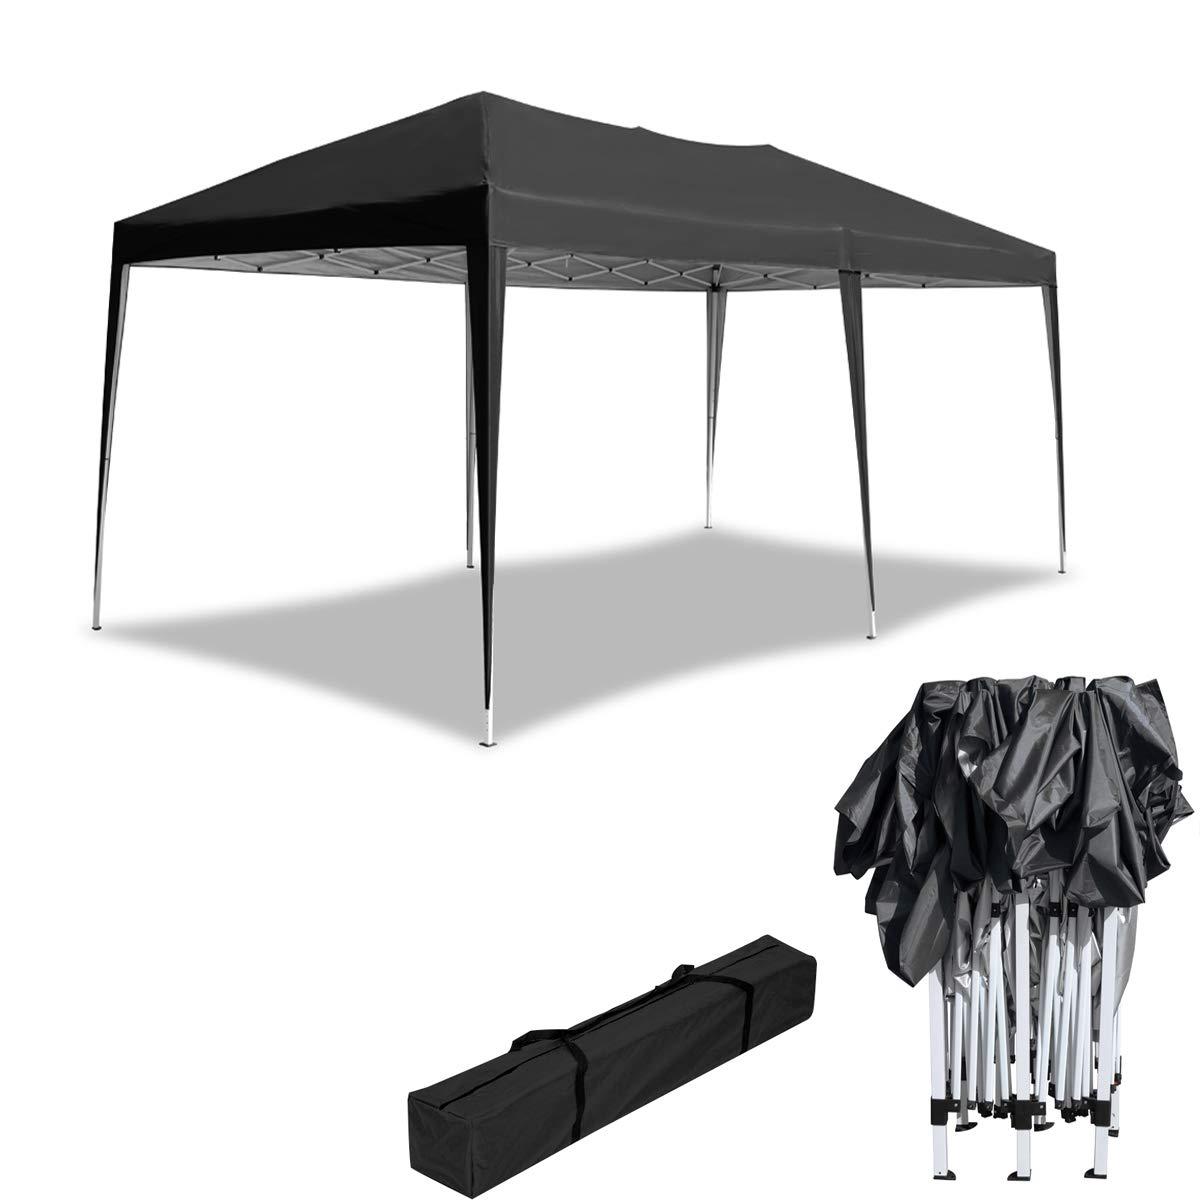 HENGMEI 3x6m Cenador Plegable para jardín Carpa pabellón Tienda sin Paredes Laterales para Eventos y Fiestas, Antracita: Amazon.es: Jardín